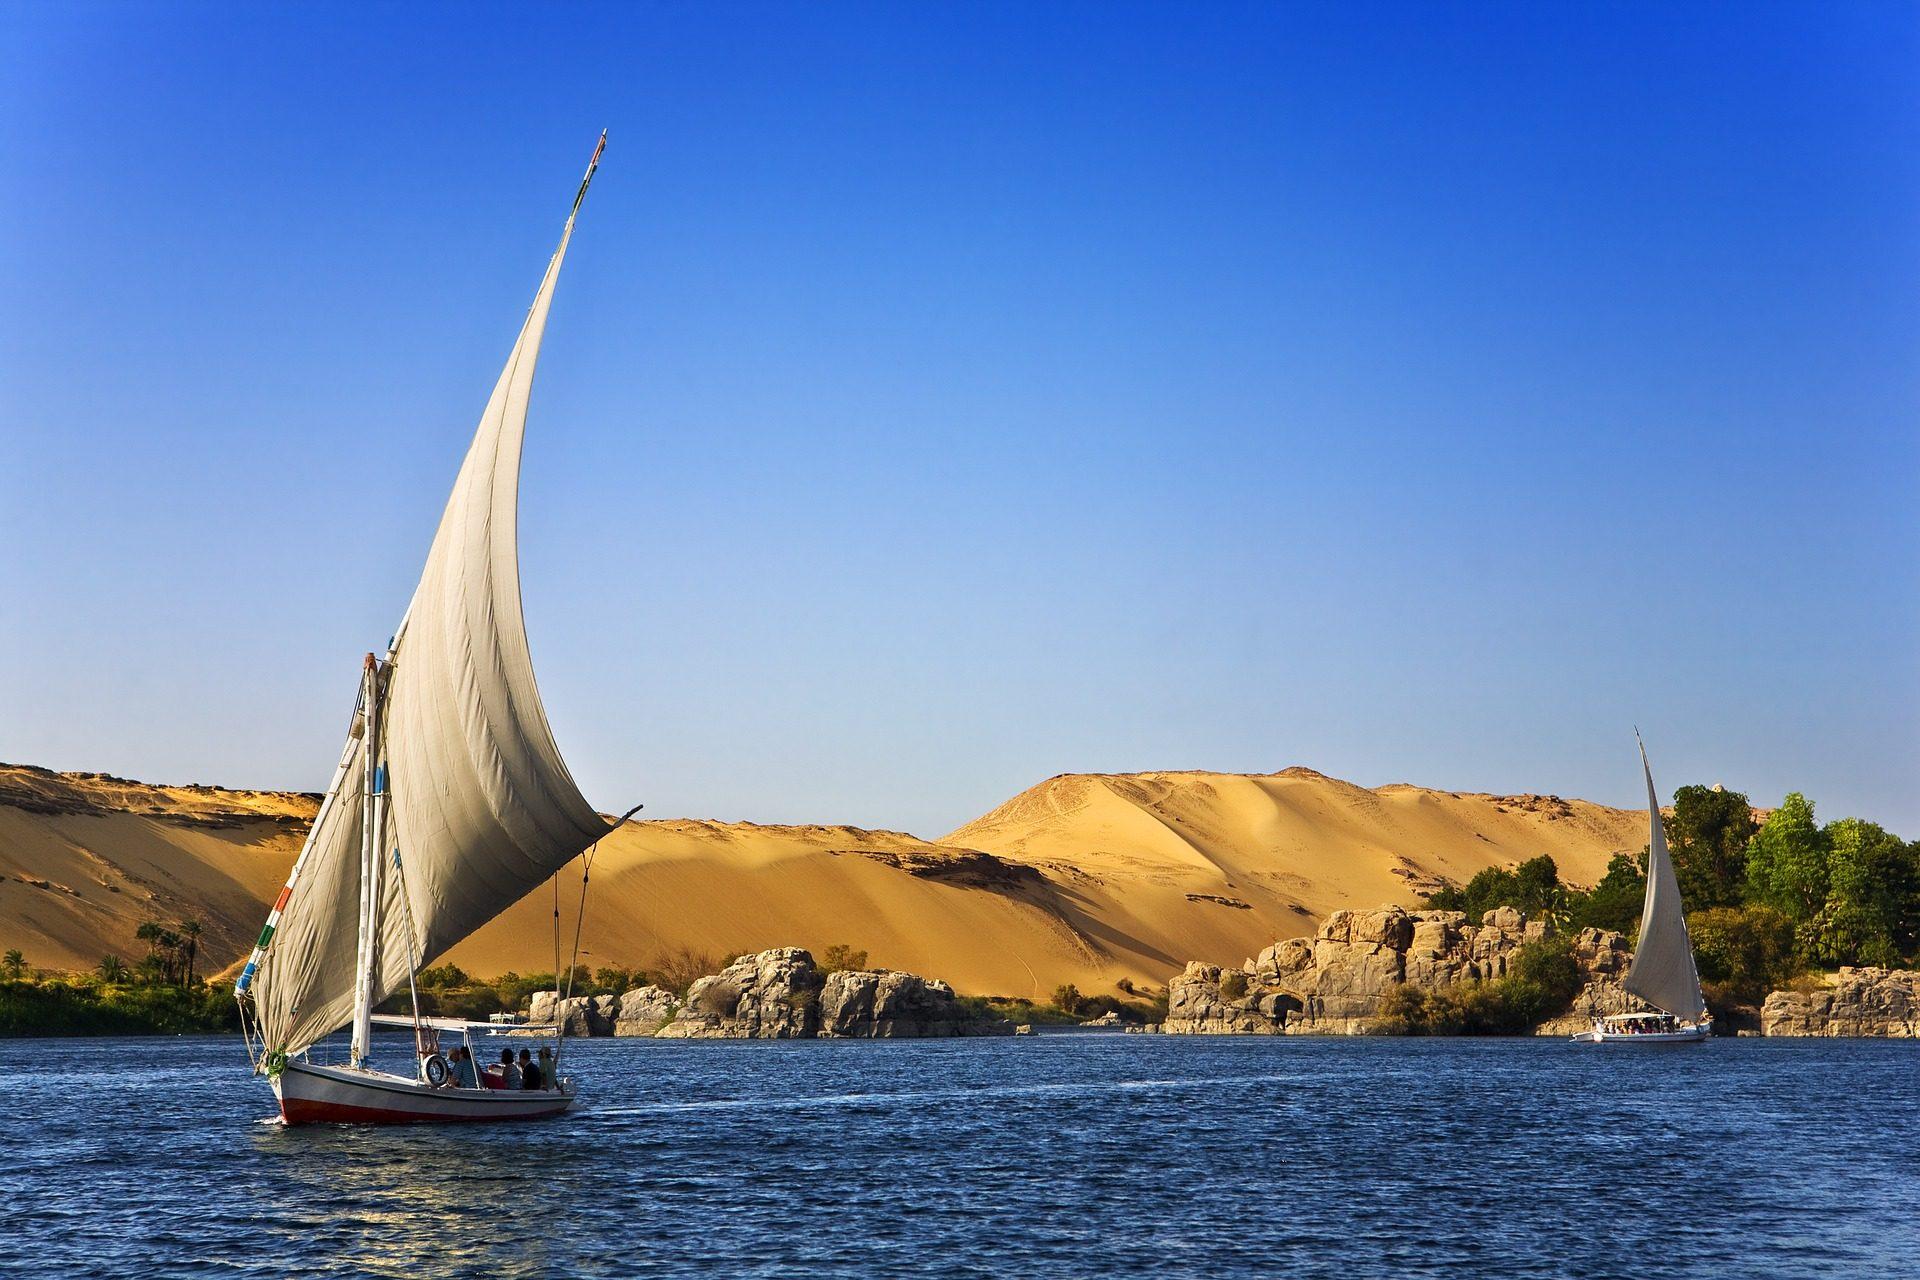 नौकाओं, मोमबत्तियाँ, सागर, झील, रेगिस्तान, रेत - HD वॉलपेपर - प्रोफेसर-falken.com